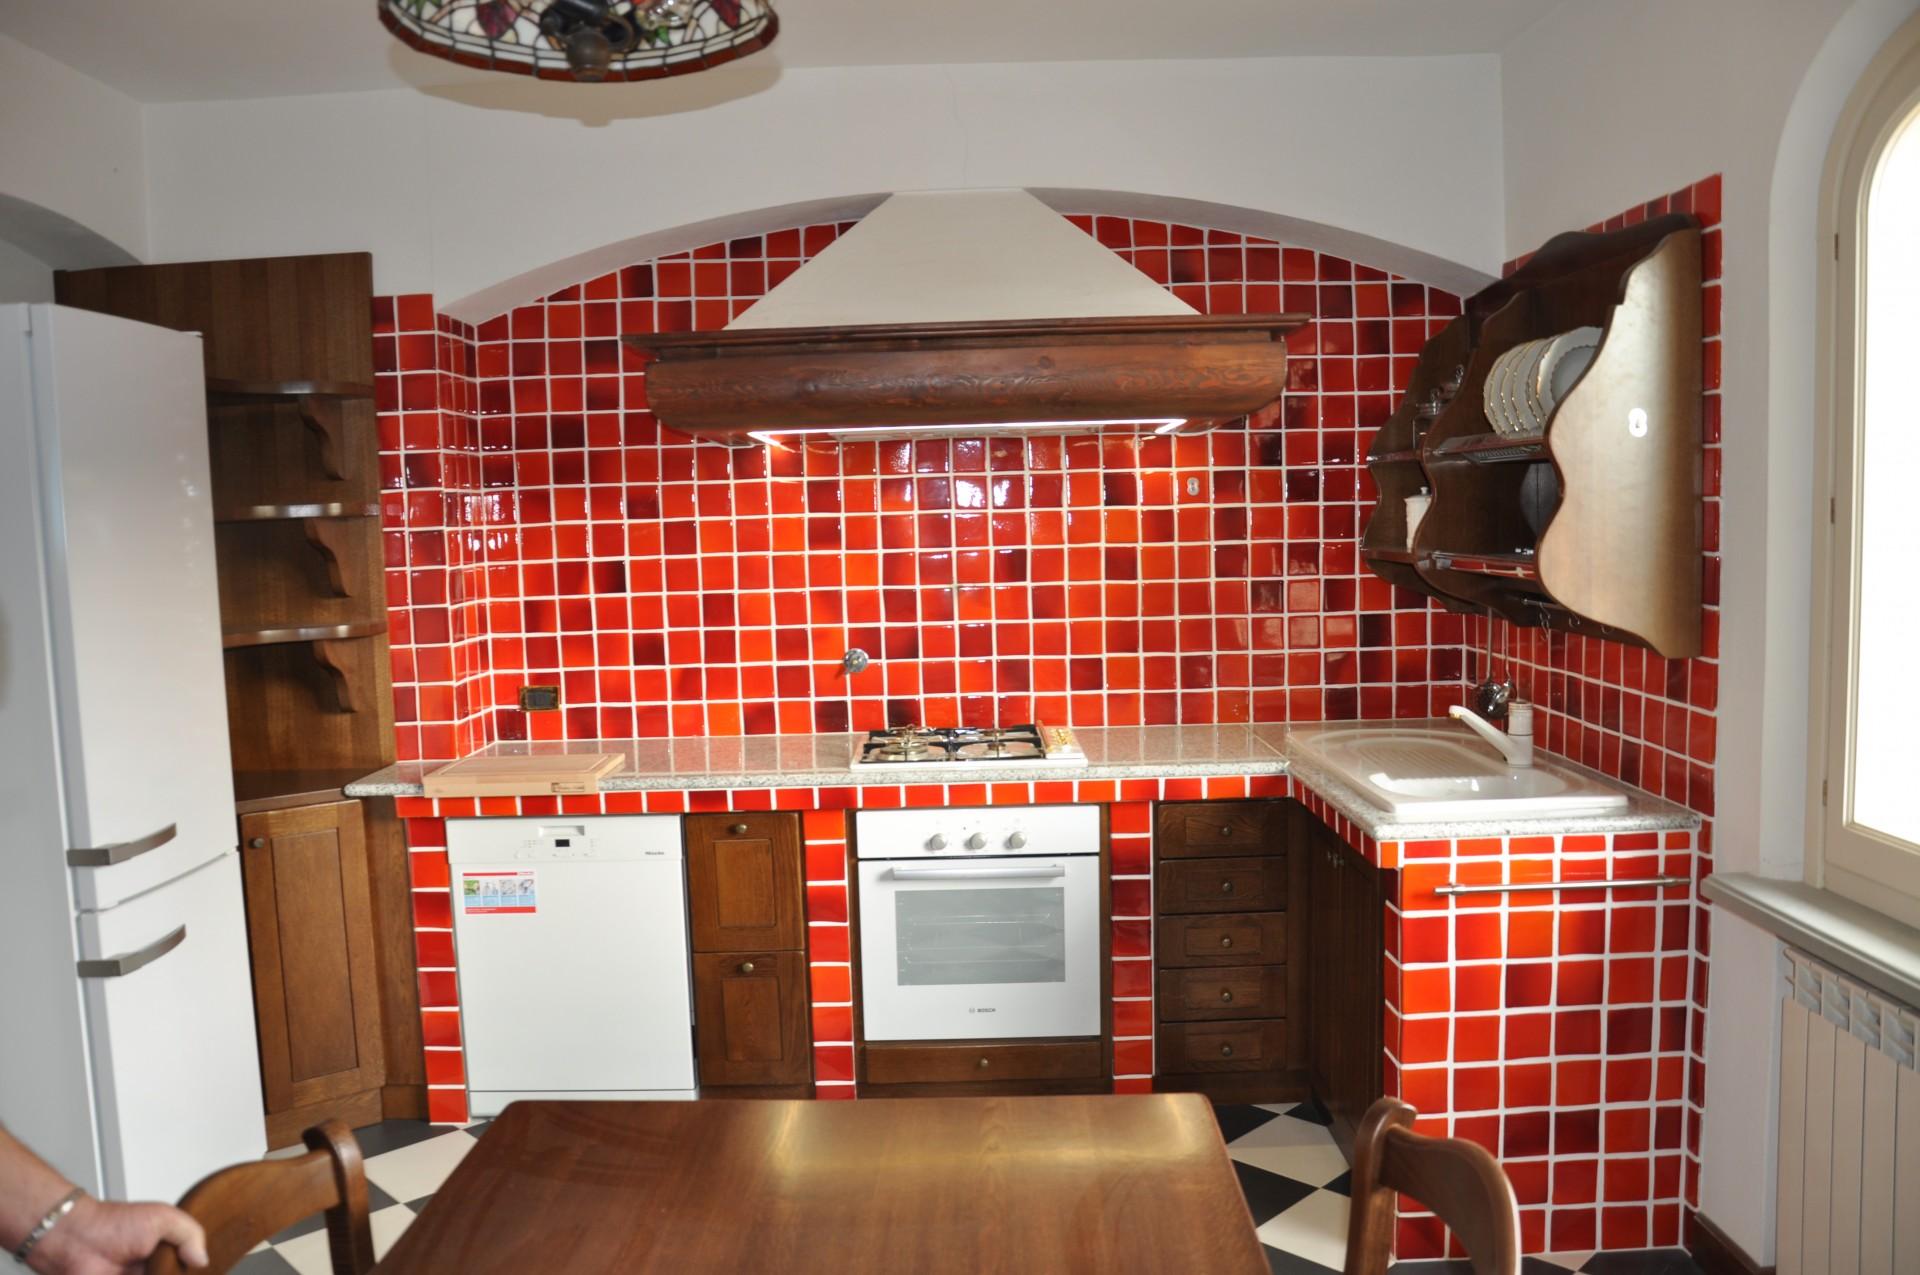 Cucine In Muratura Con Isola Centrale. Roma Cucine Ernestomeda ...